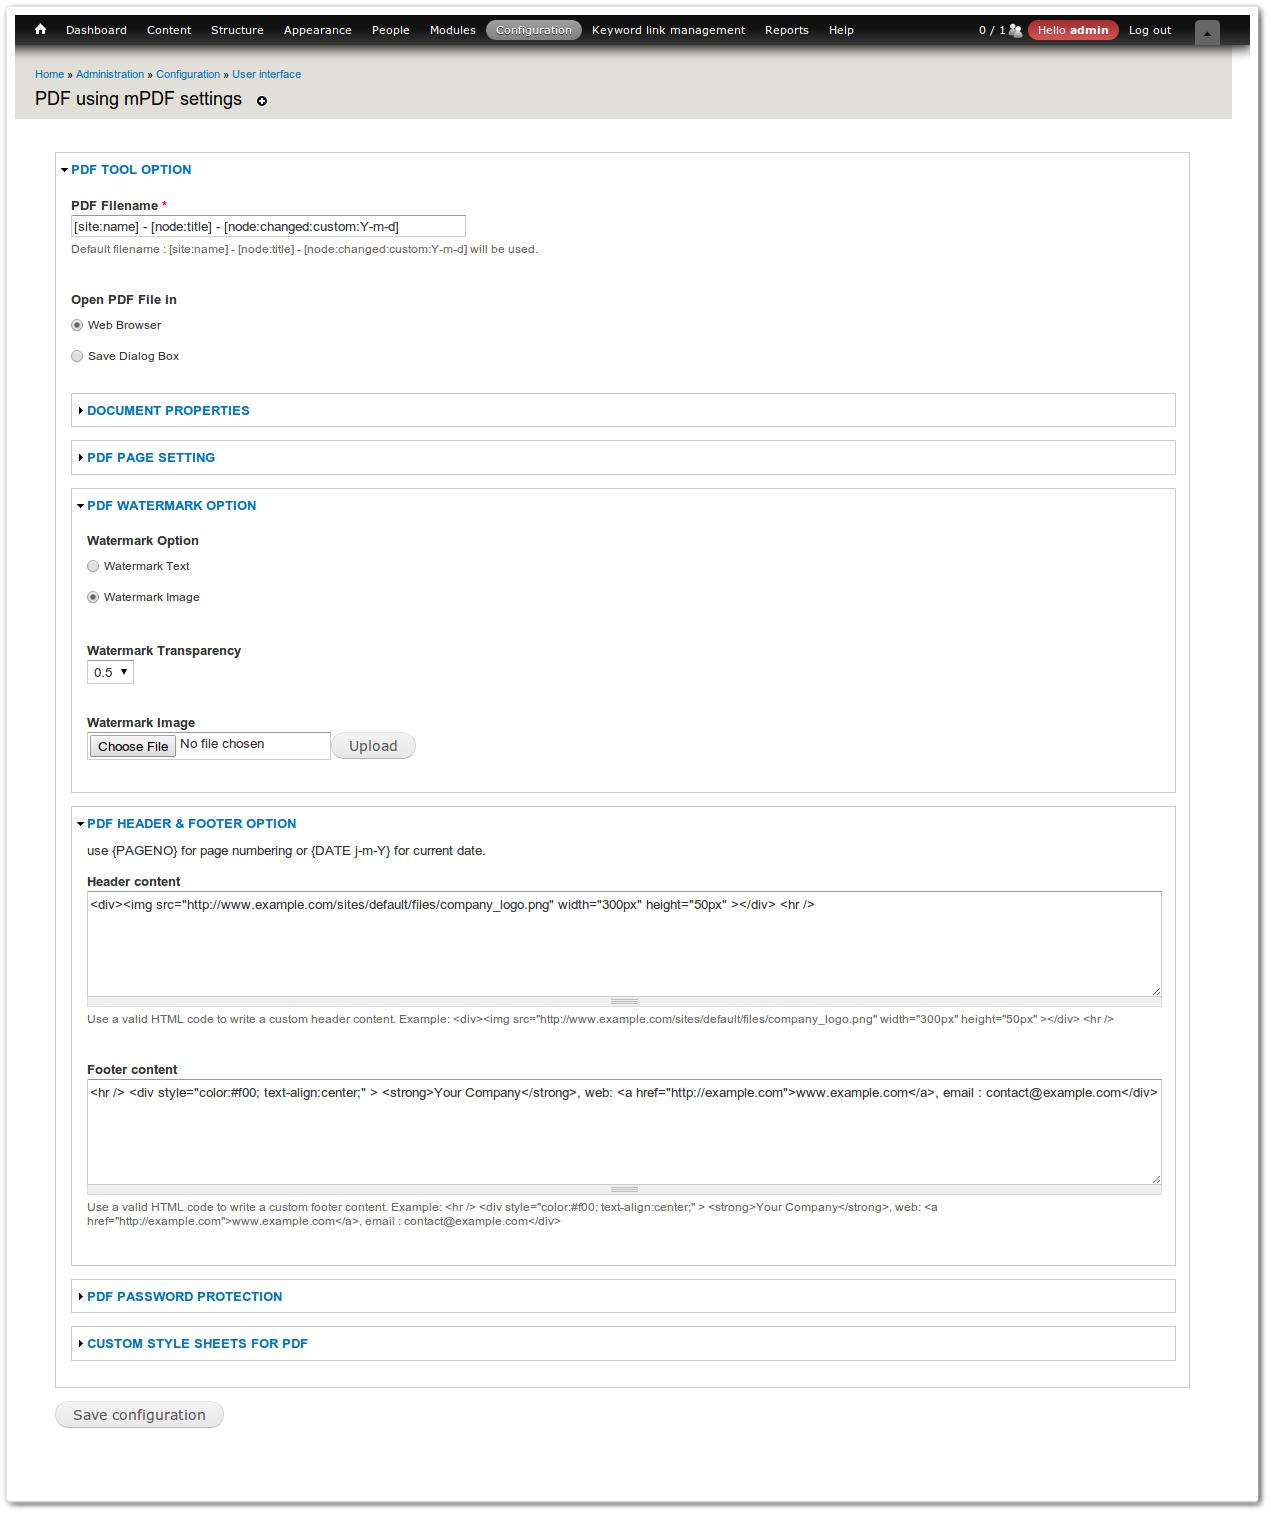 PDF using mPDF | Drupal org